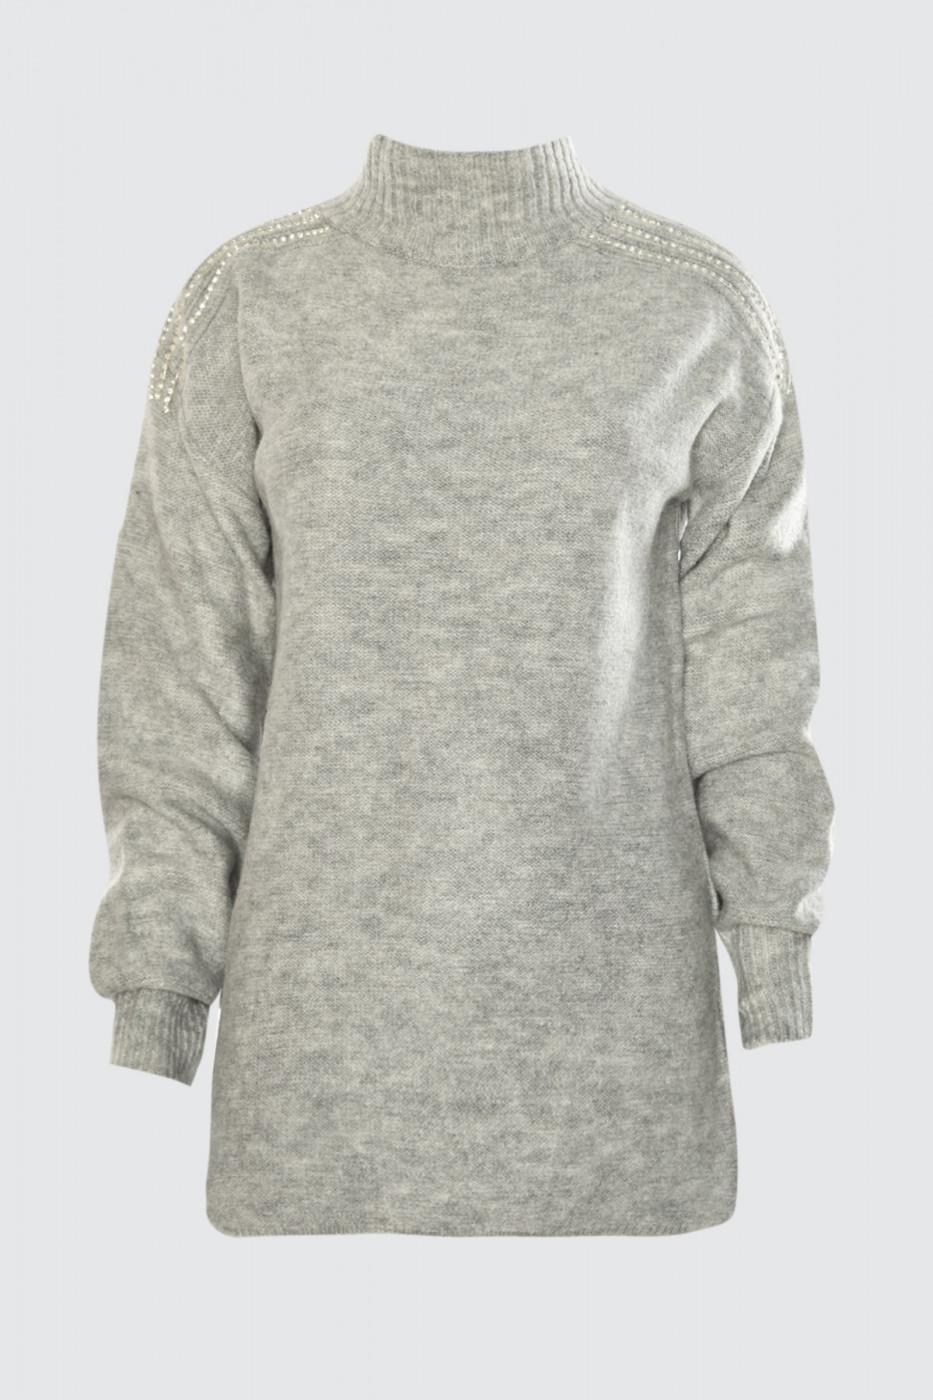 Trendyol Grey Accessory Detailed Knitwear Sweater